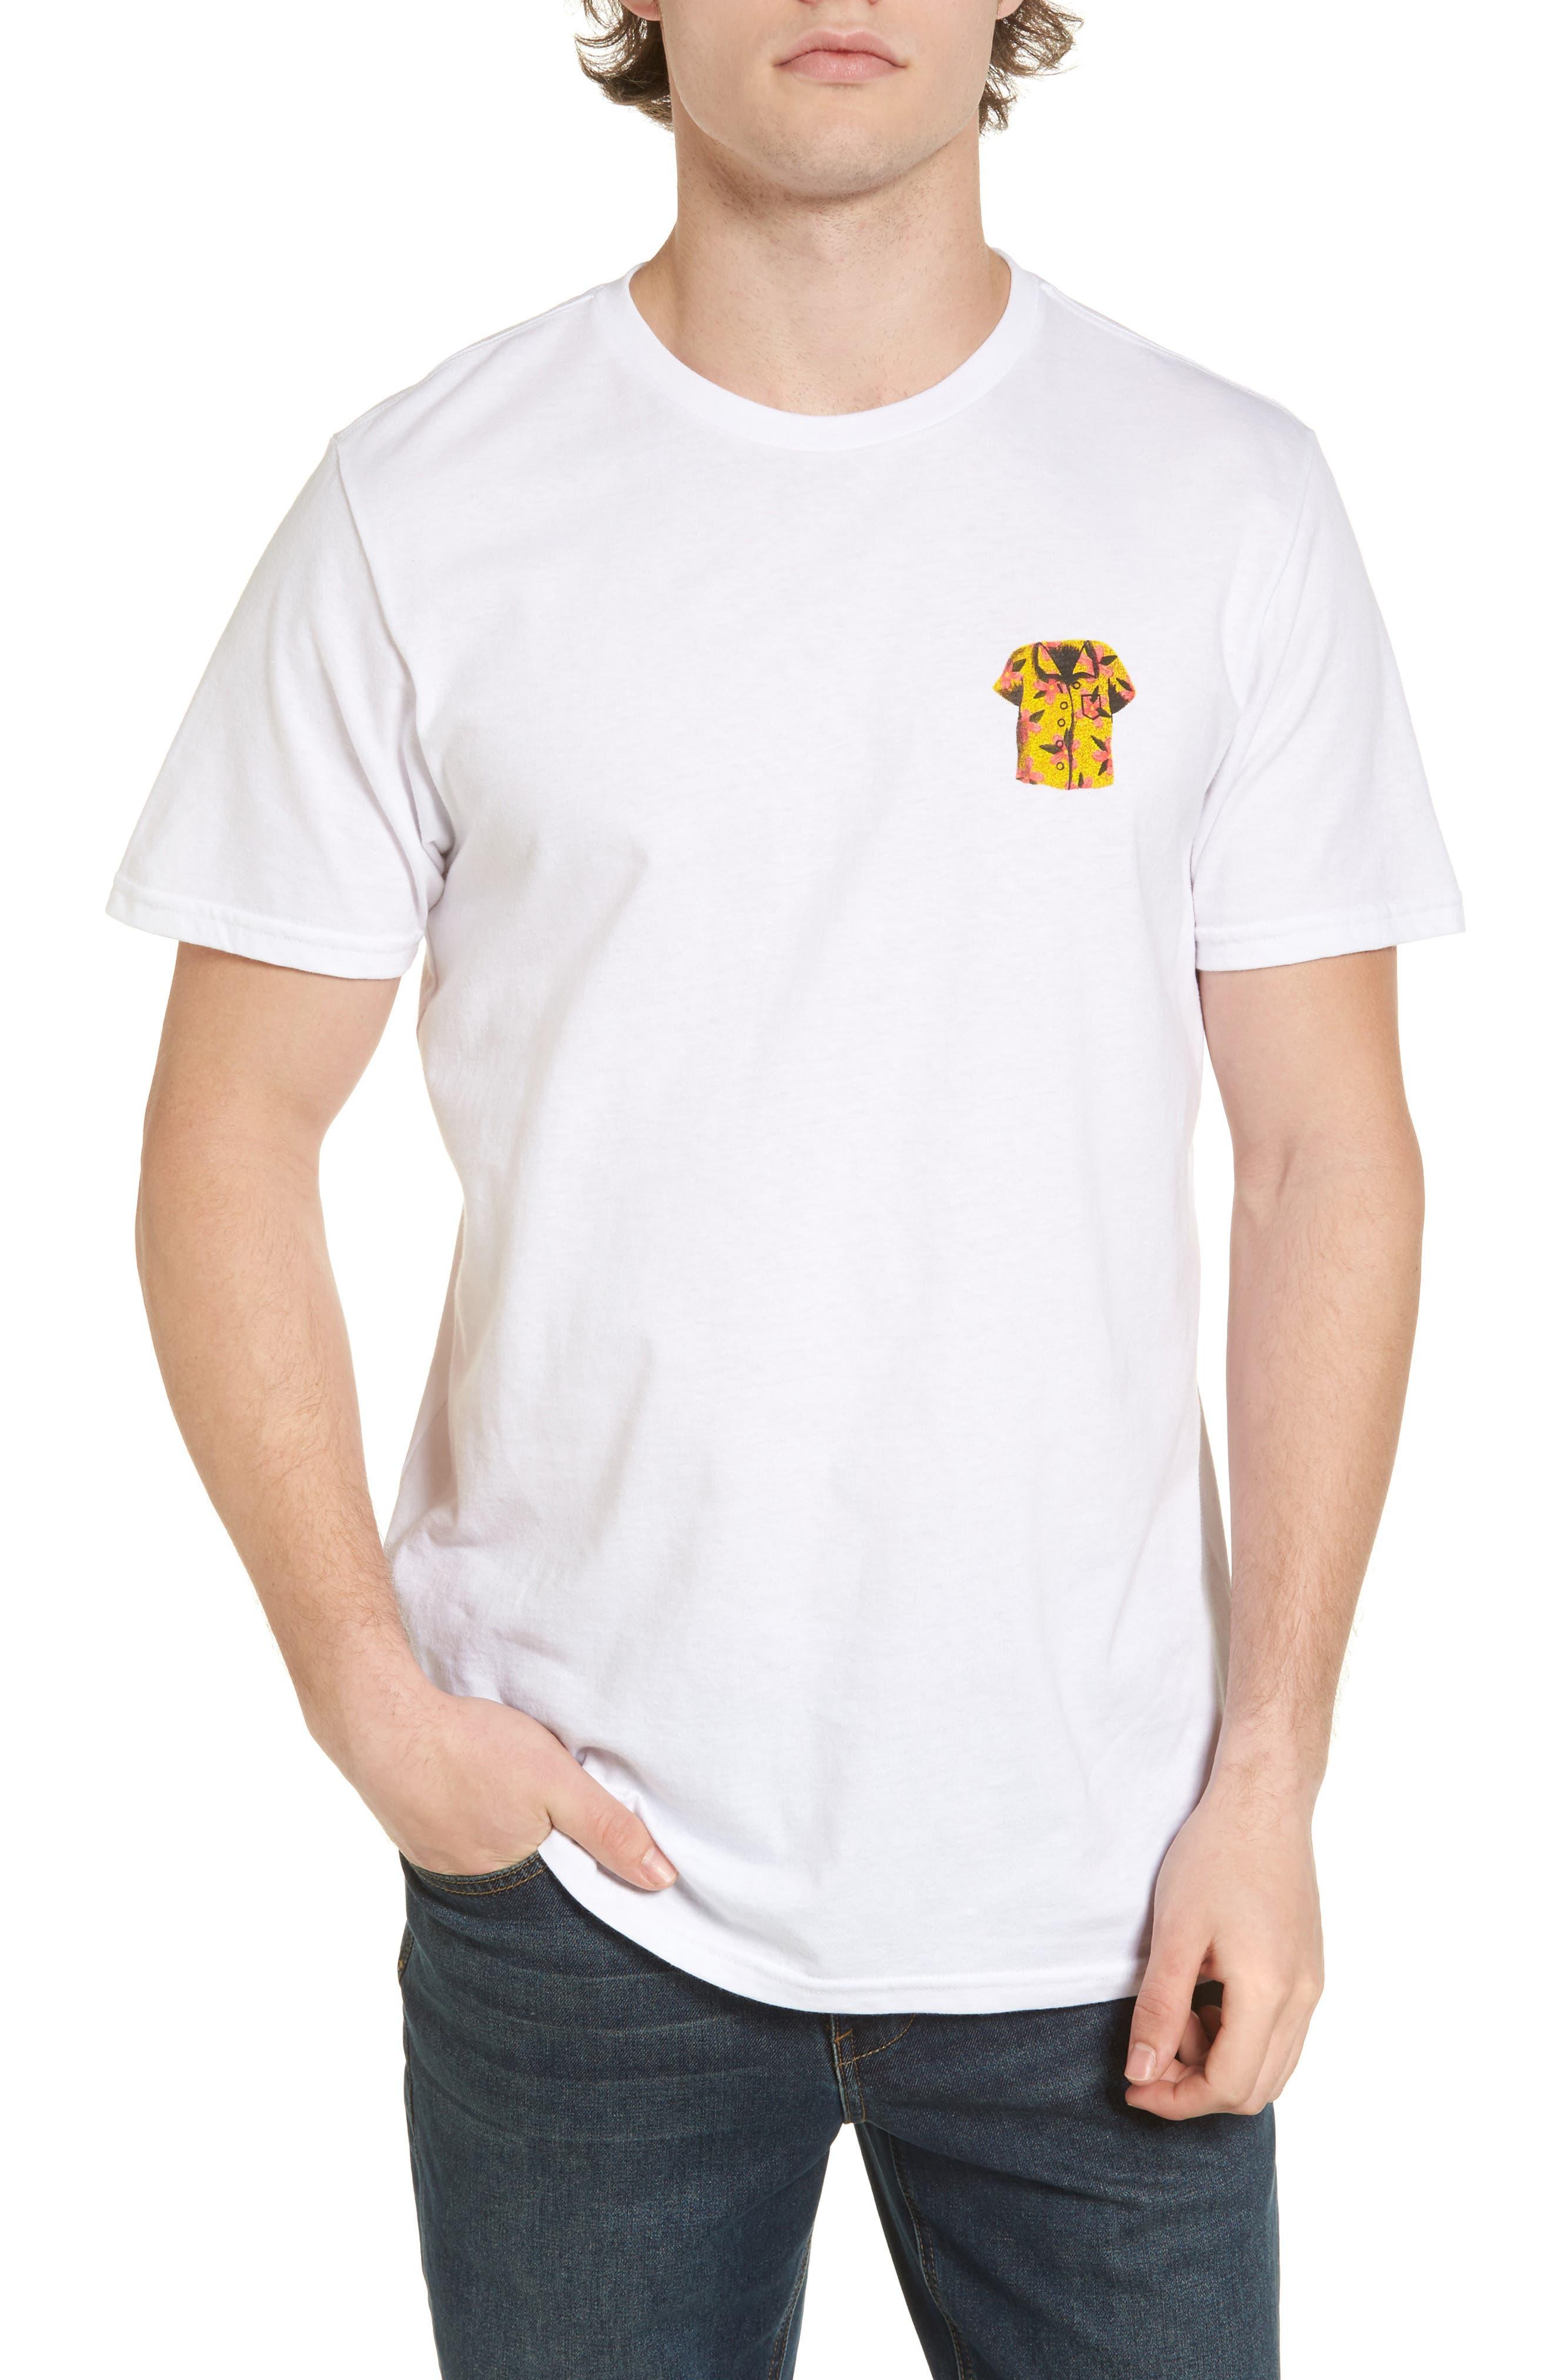 Billabong Infinite T-Shirt